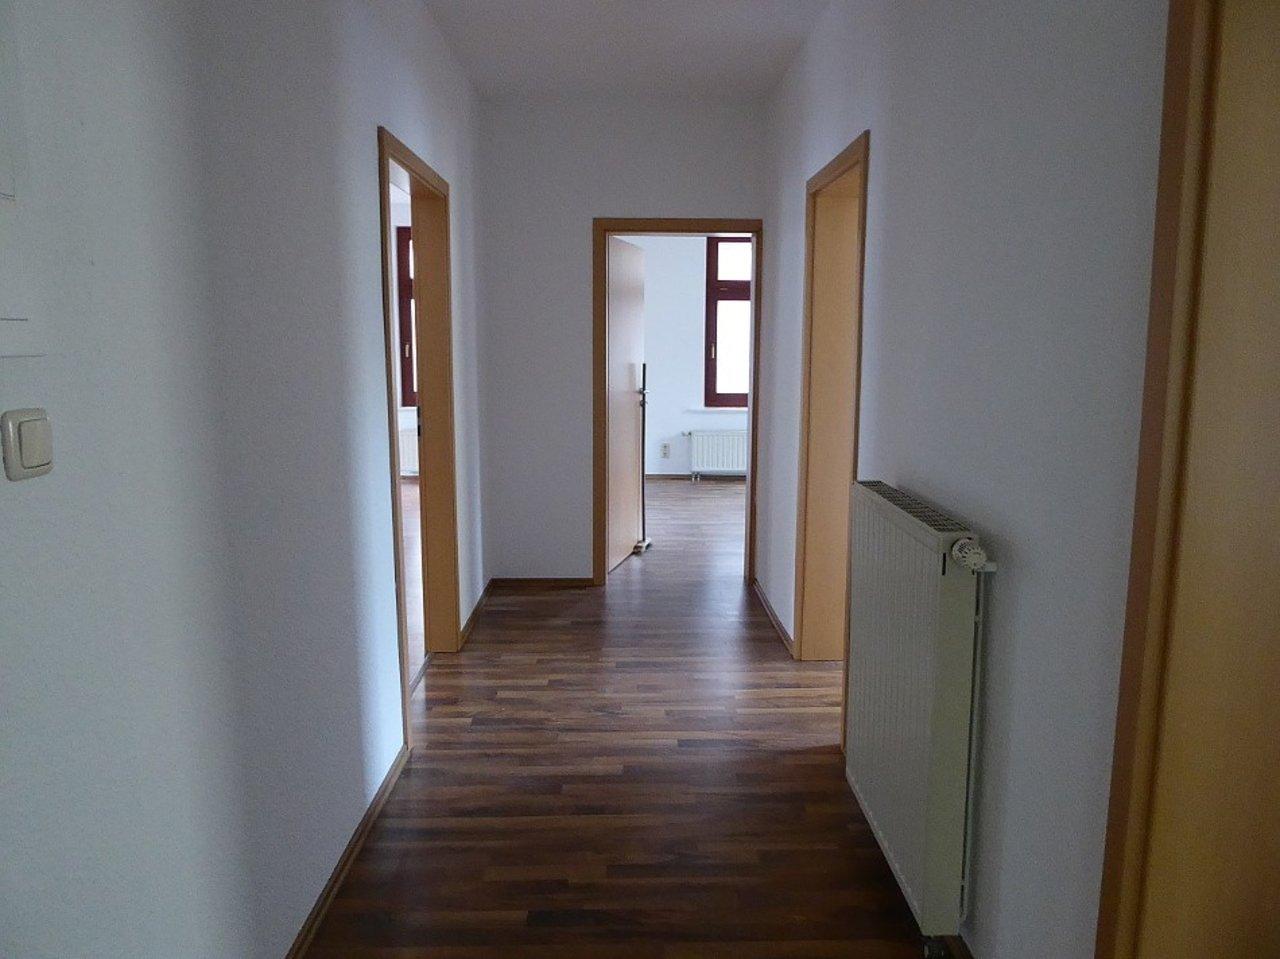 Großzügige 3-Zimmerwohnung mit Kamin und Einbauküche-Flur